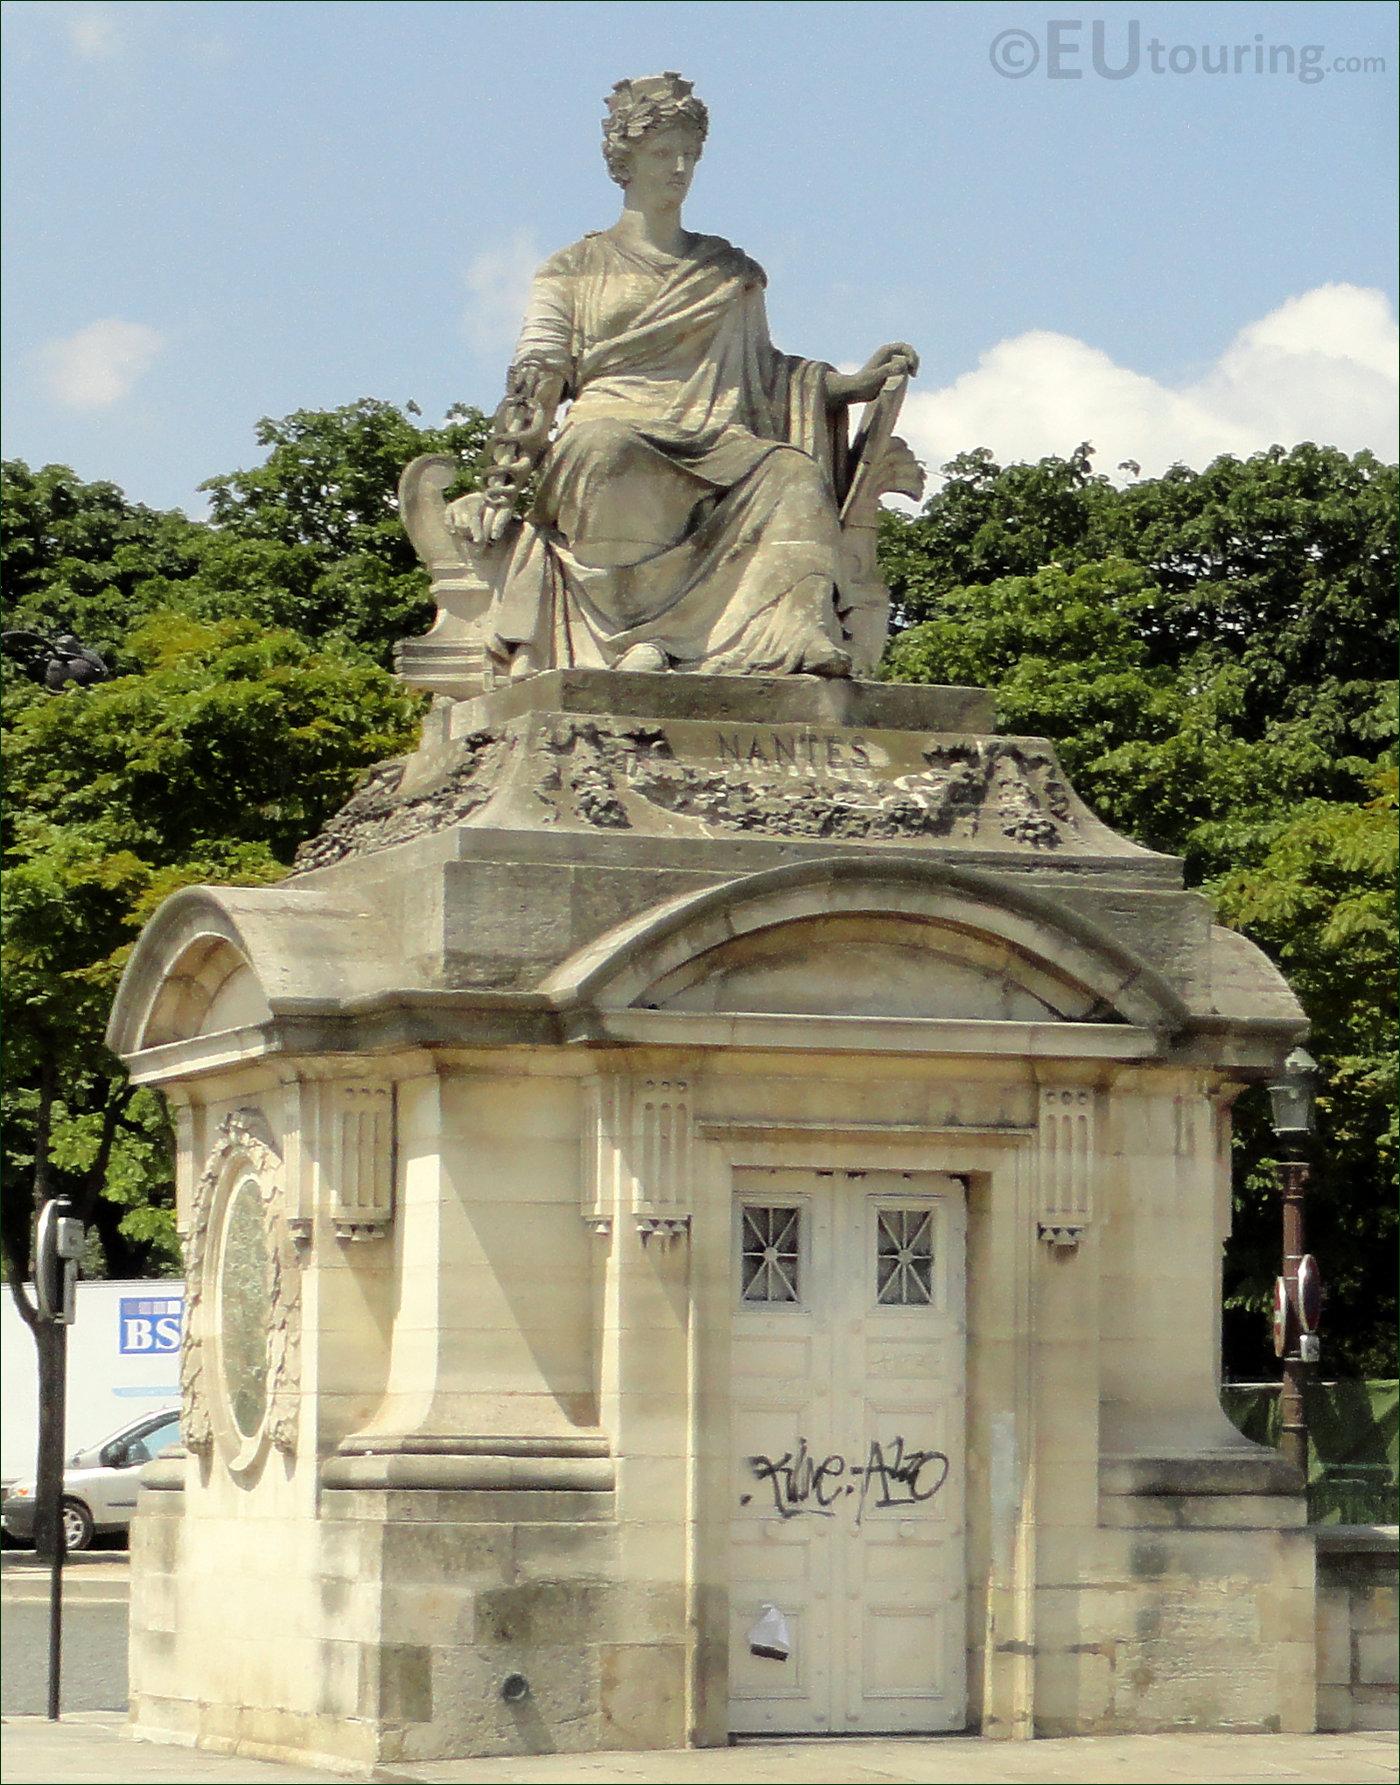 Photo Of City Of Nantes Statue At Place De La Concorde Paris - Page 36